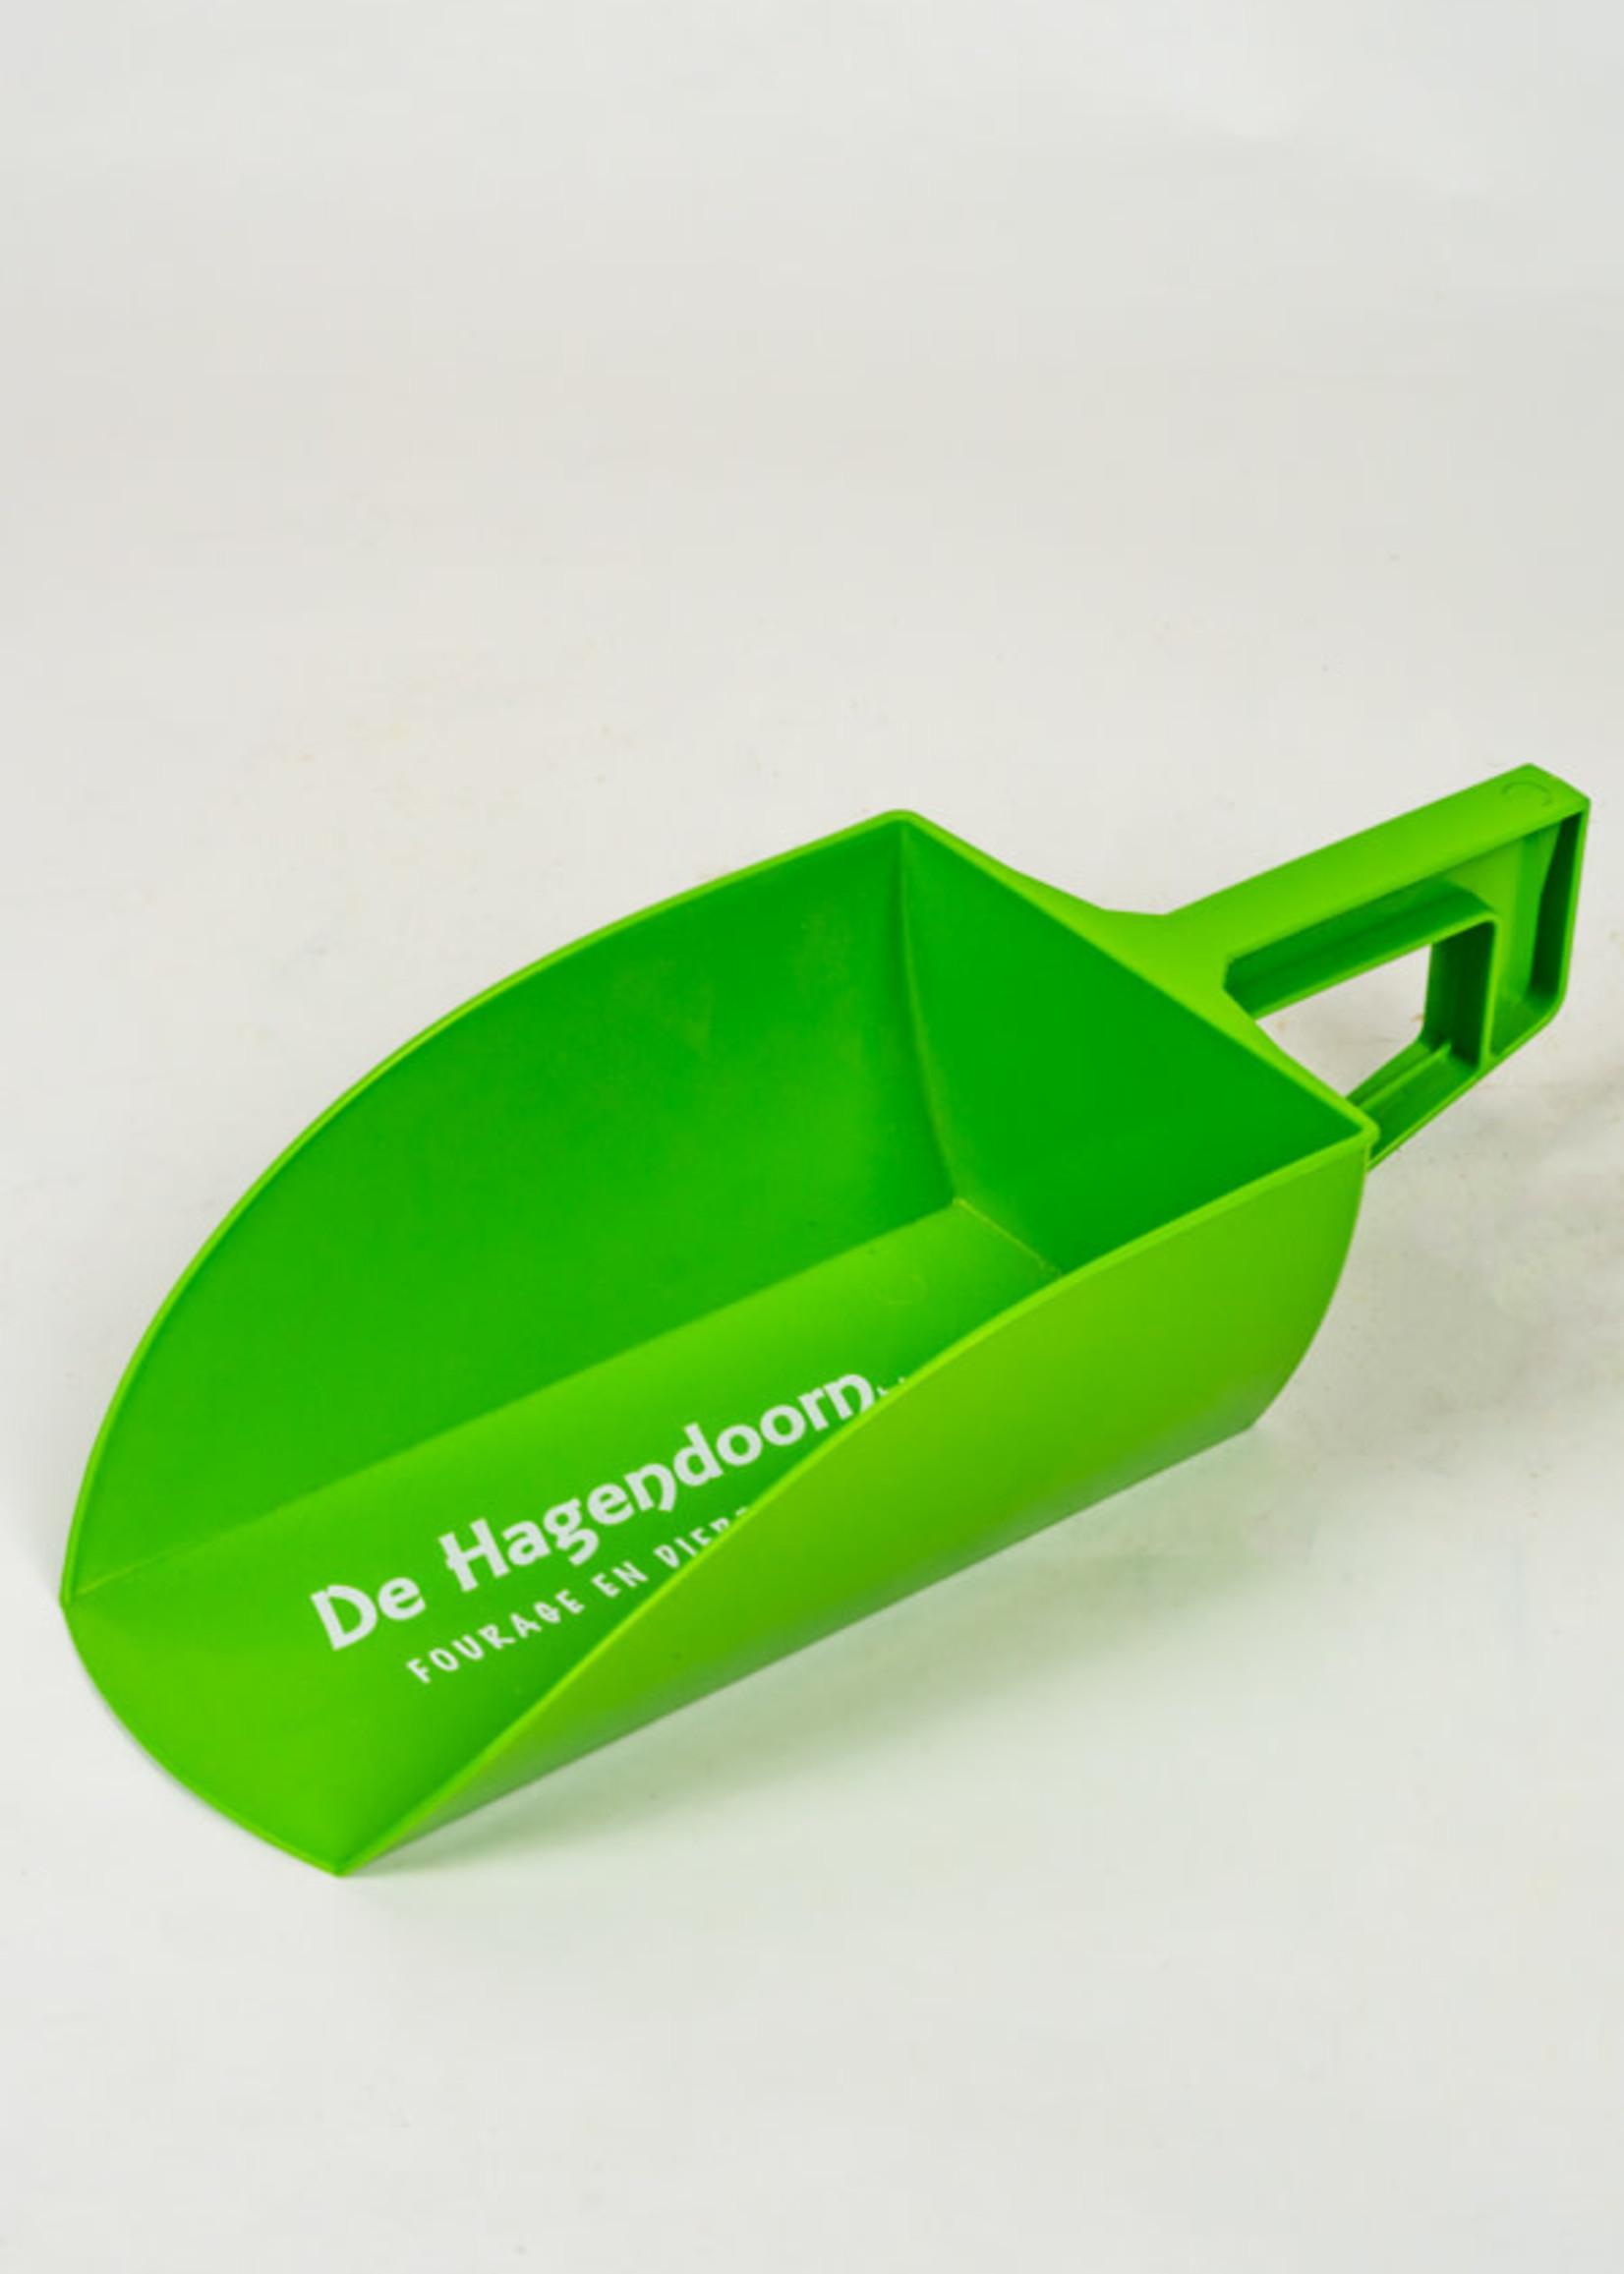 De Hagendoorn Voerschep Hagendoorn